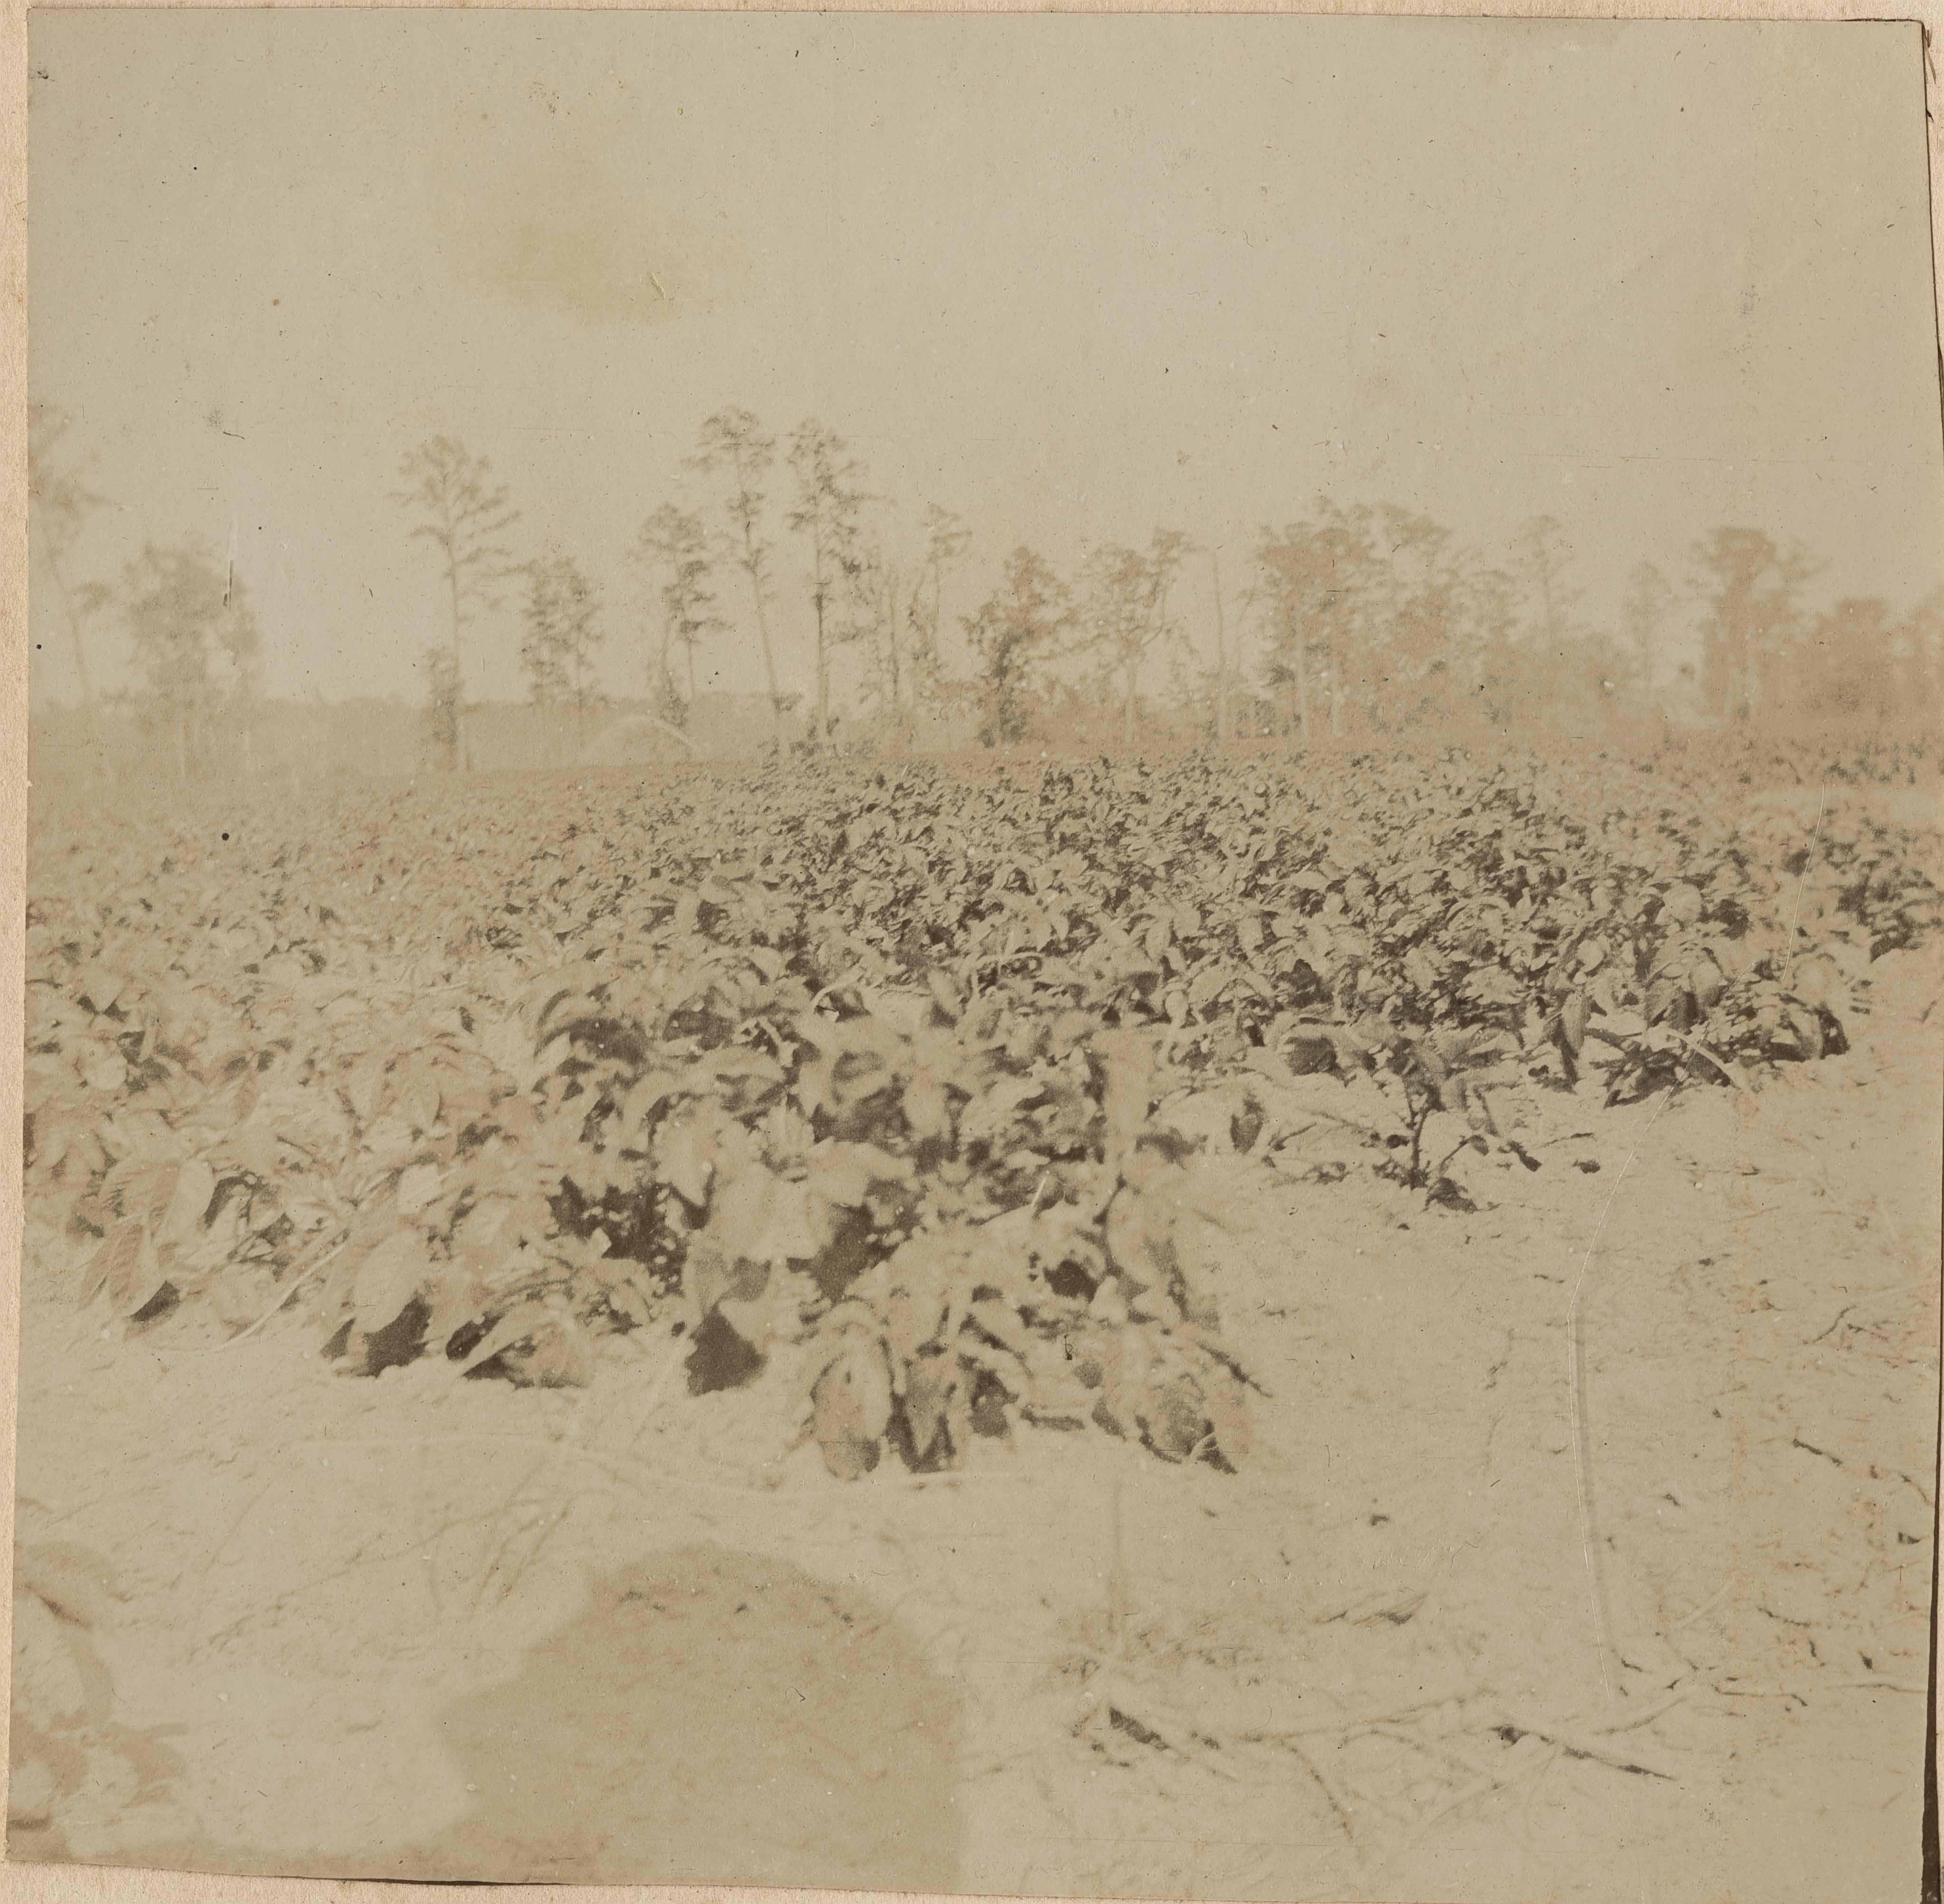 View of potato field